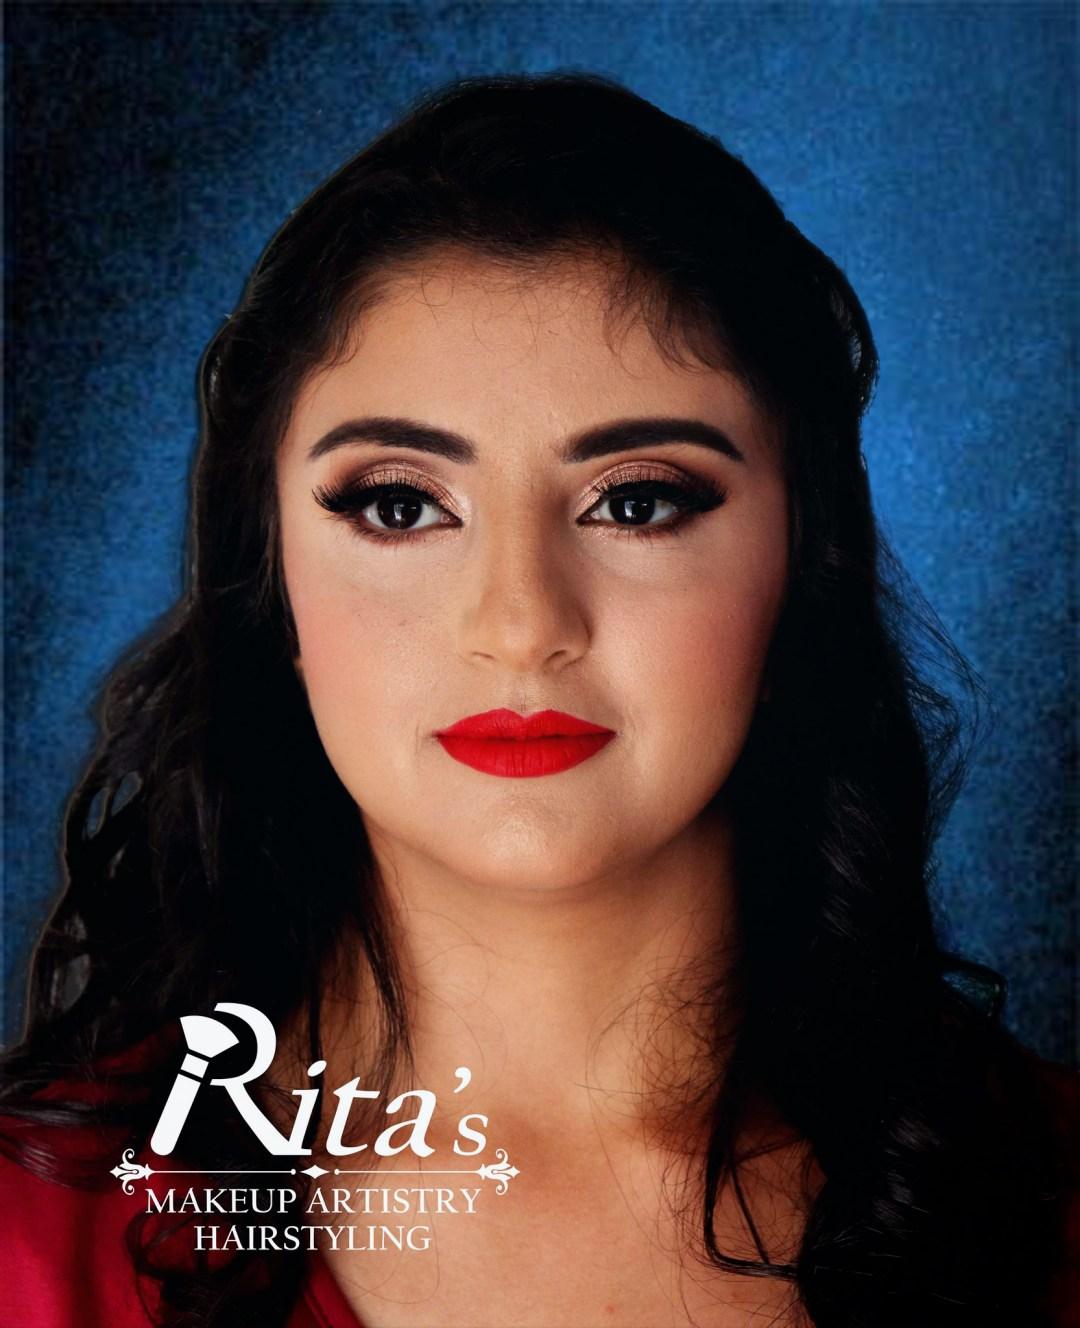 Rita's Makeup Artistry Formal